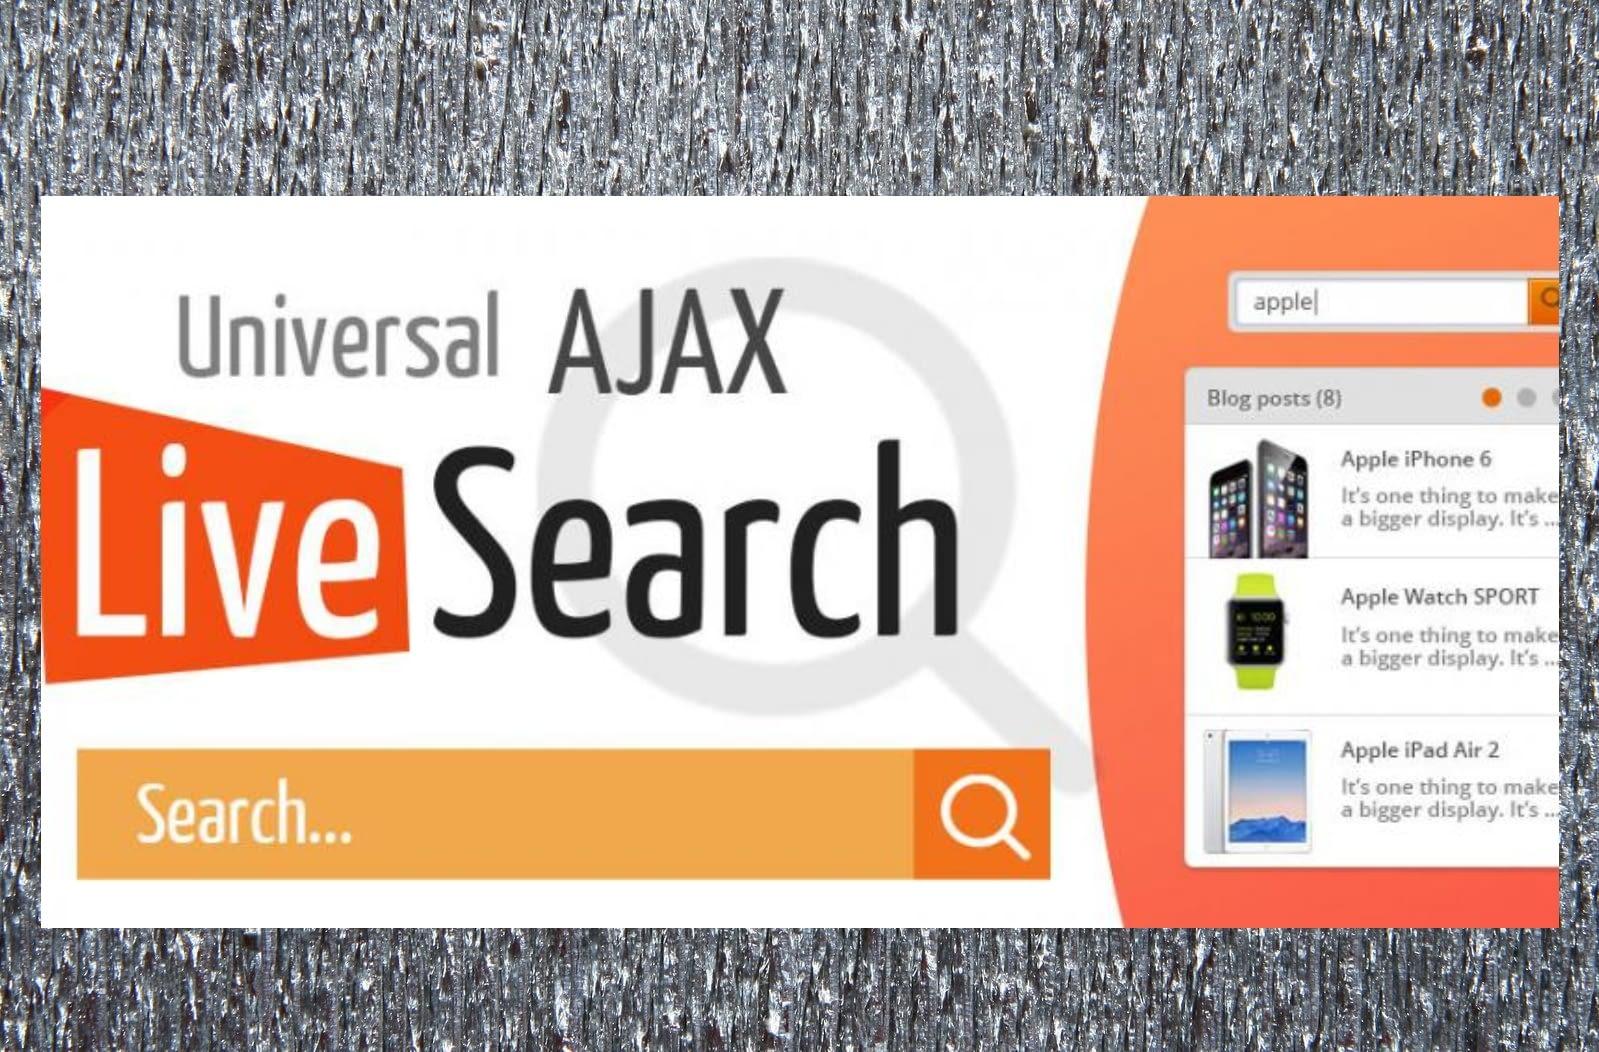 7th u Universal AJAX Live Search